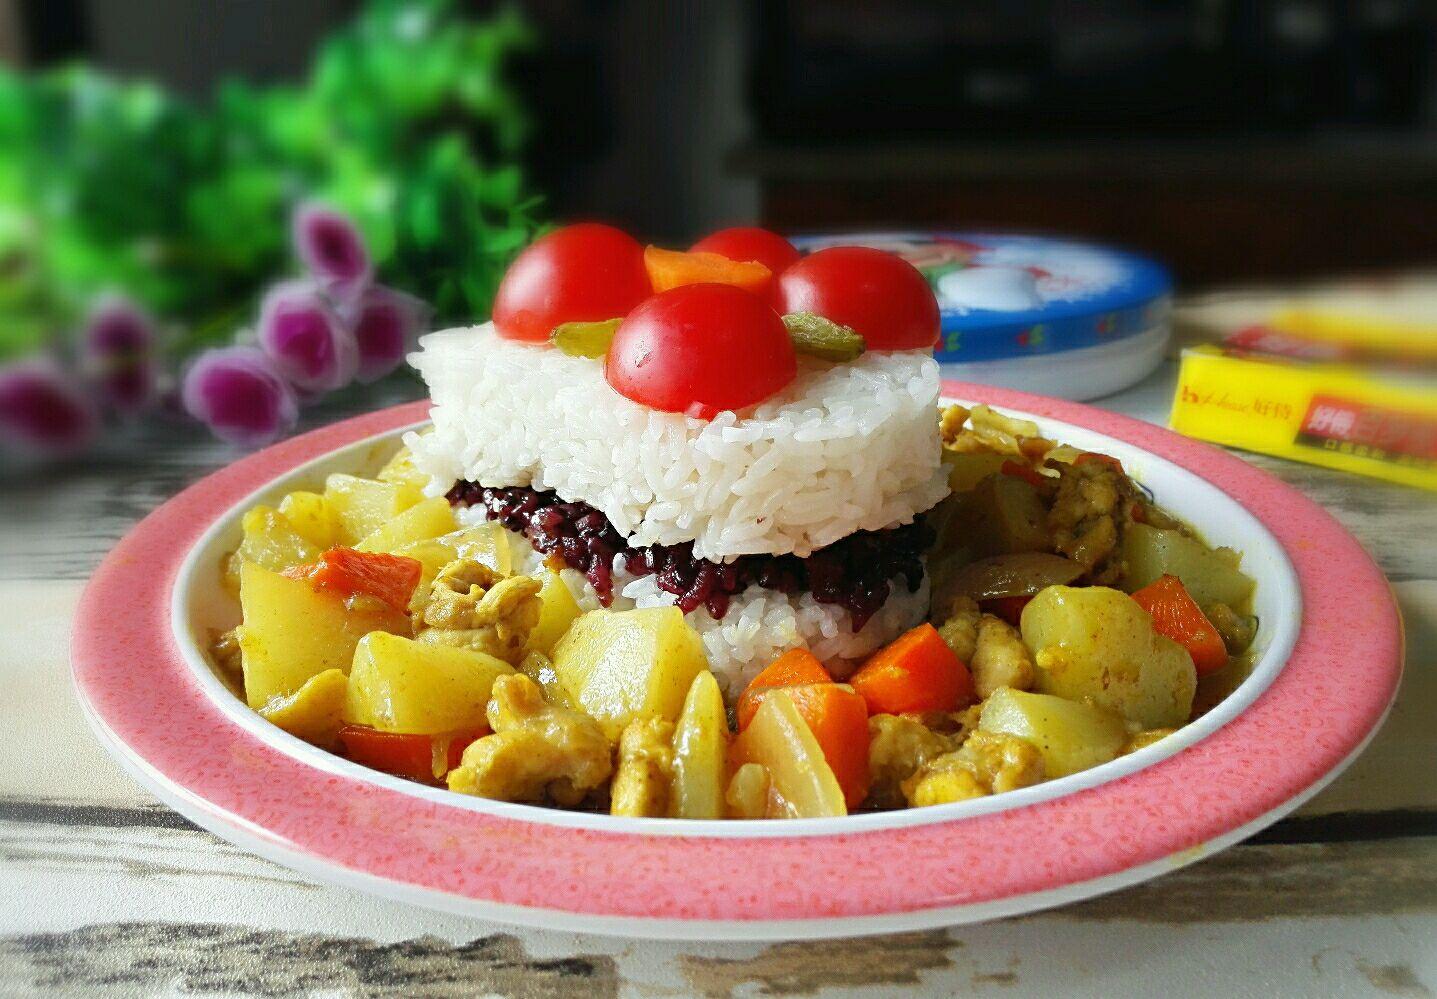 这一个米饭蛋糕宝宝吃不完,可以和他共享,真正的亲子饭哦!